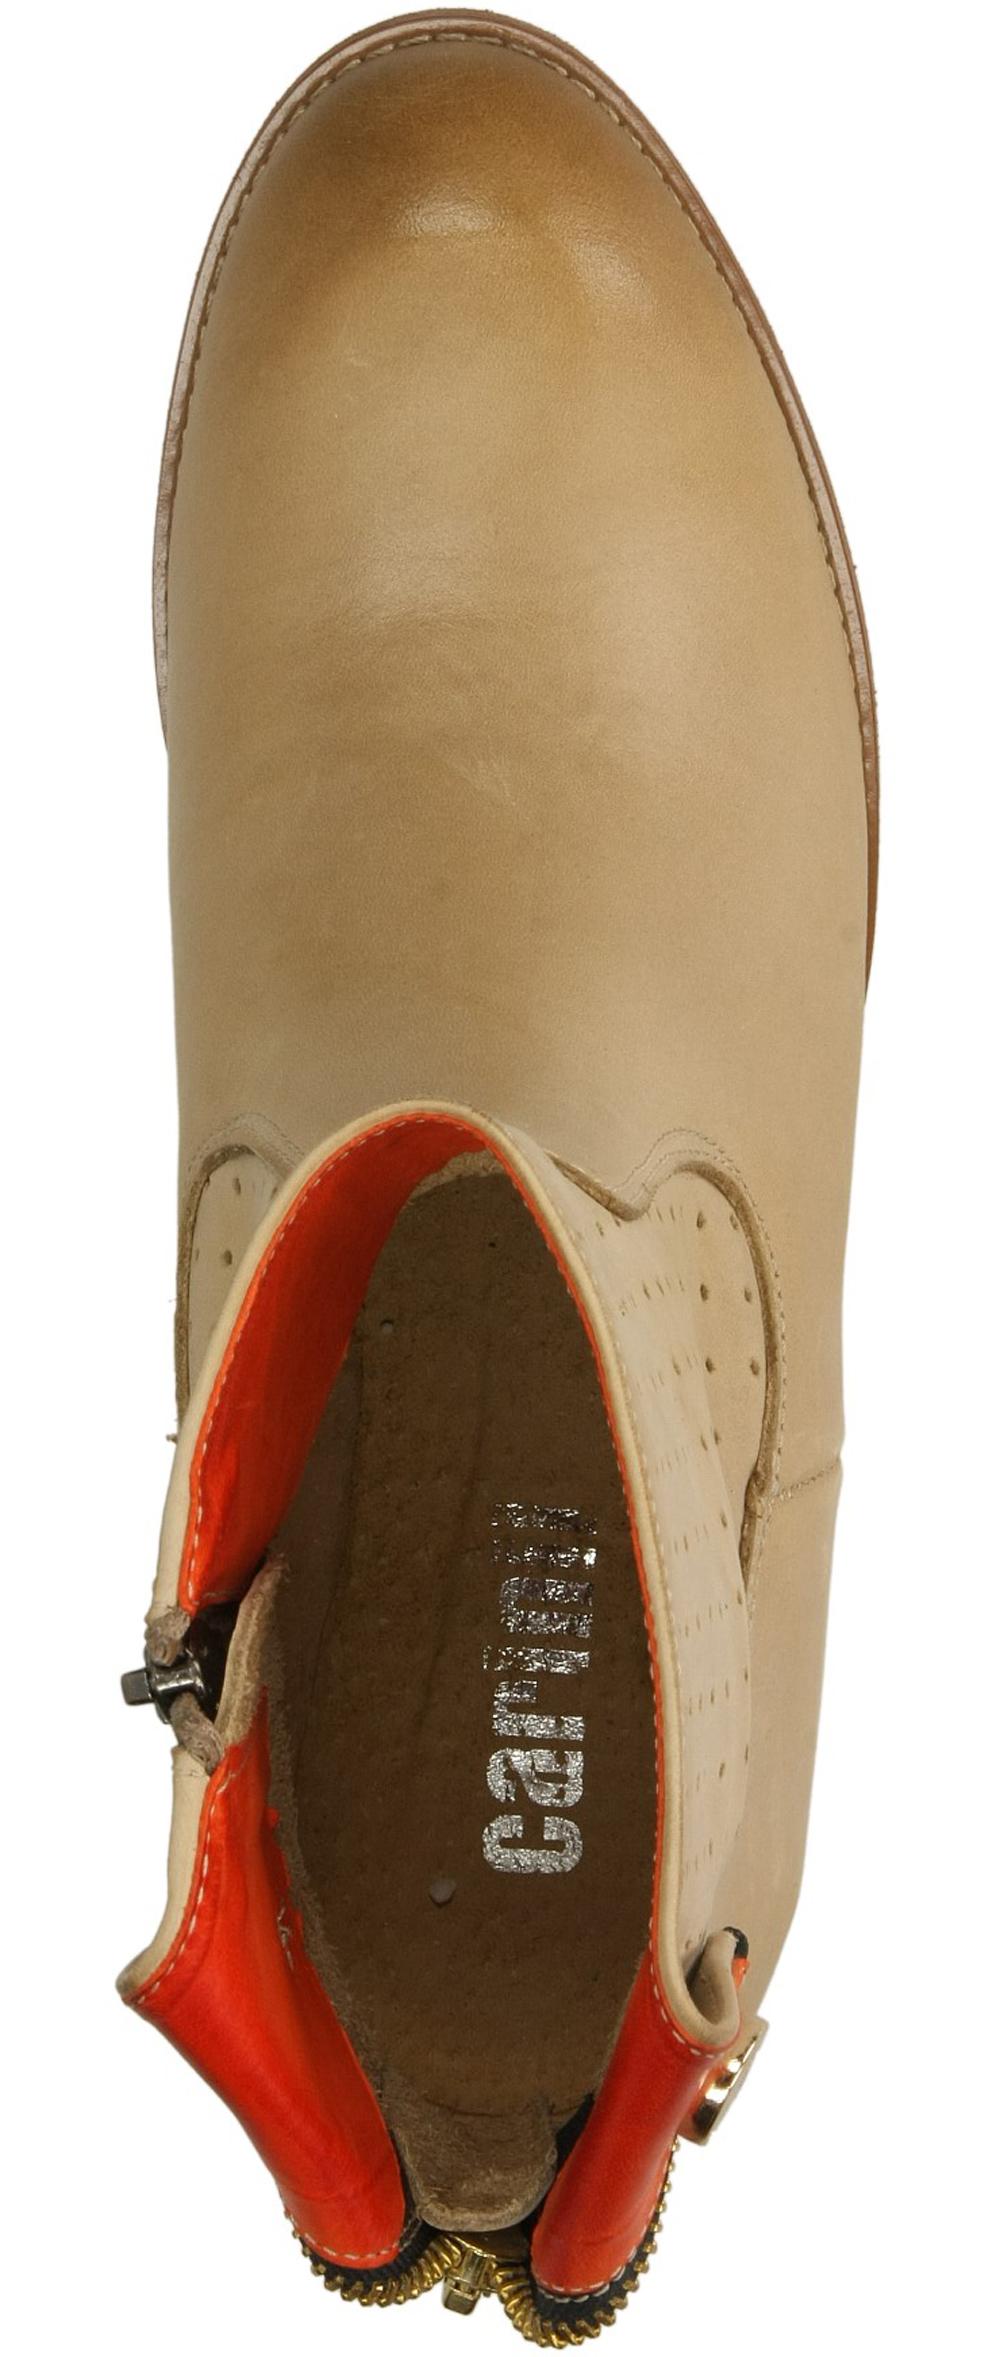 BOTKI CARINII B2145-626-7 kolor beżowy